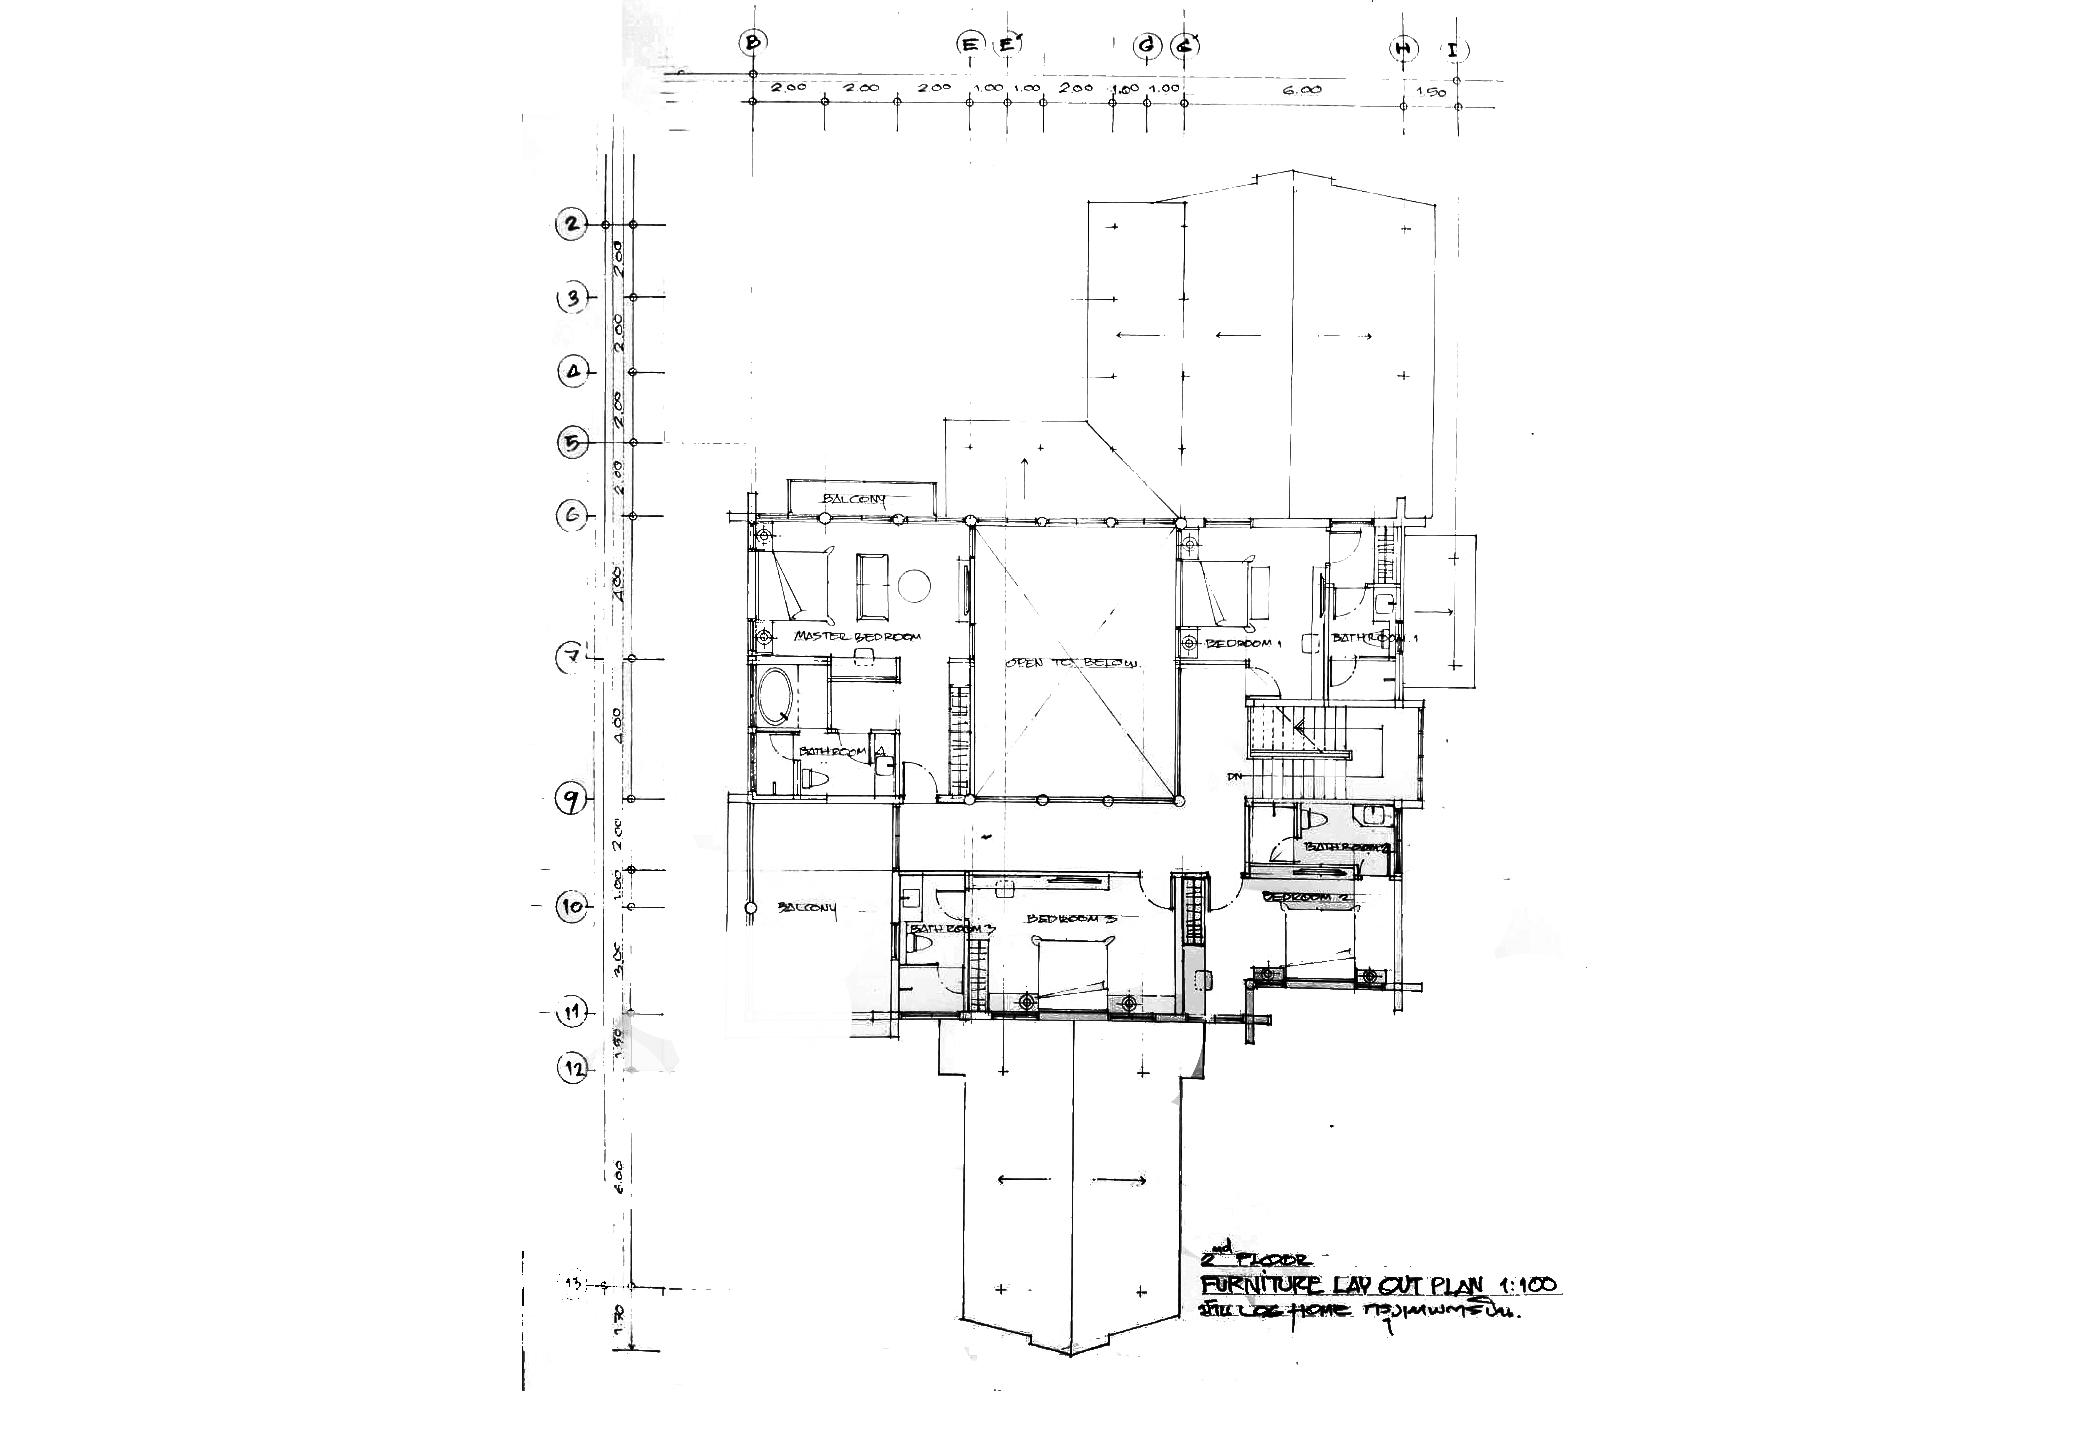 Bonanzabuilt-Portfolio-design21-2